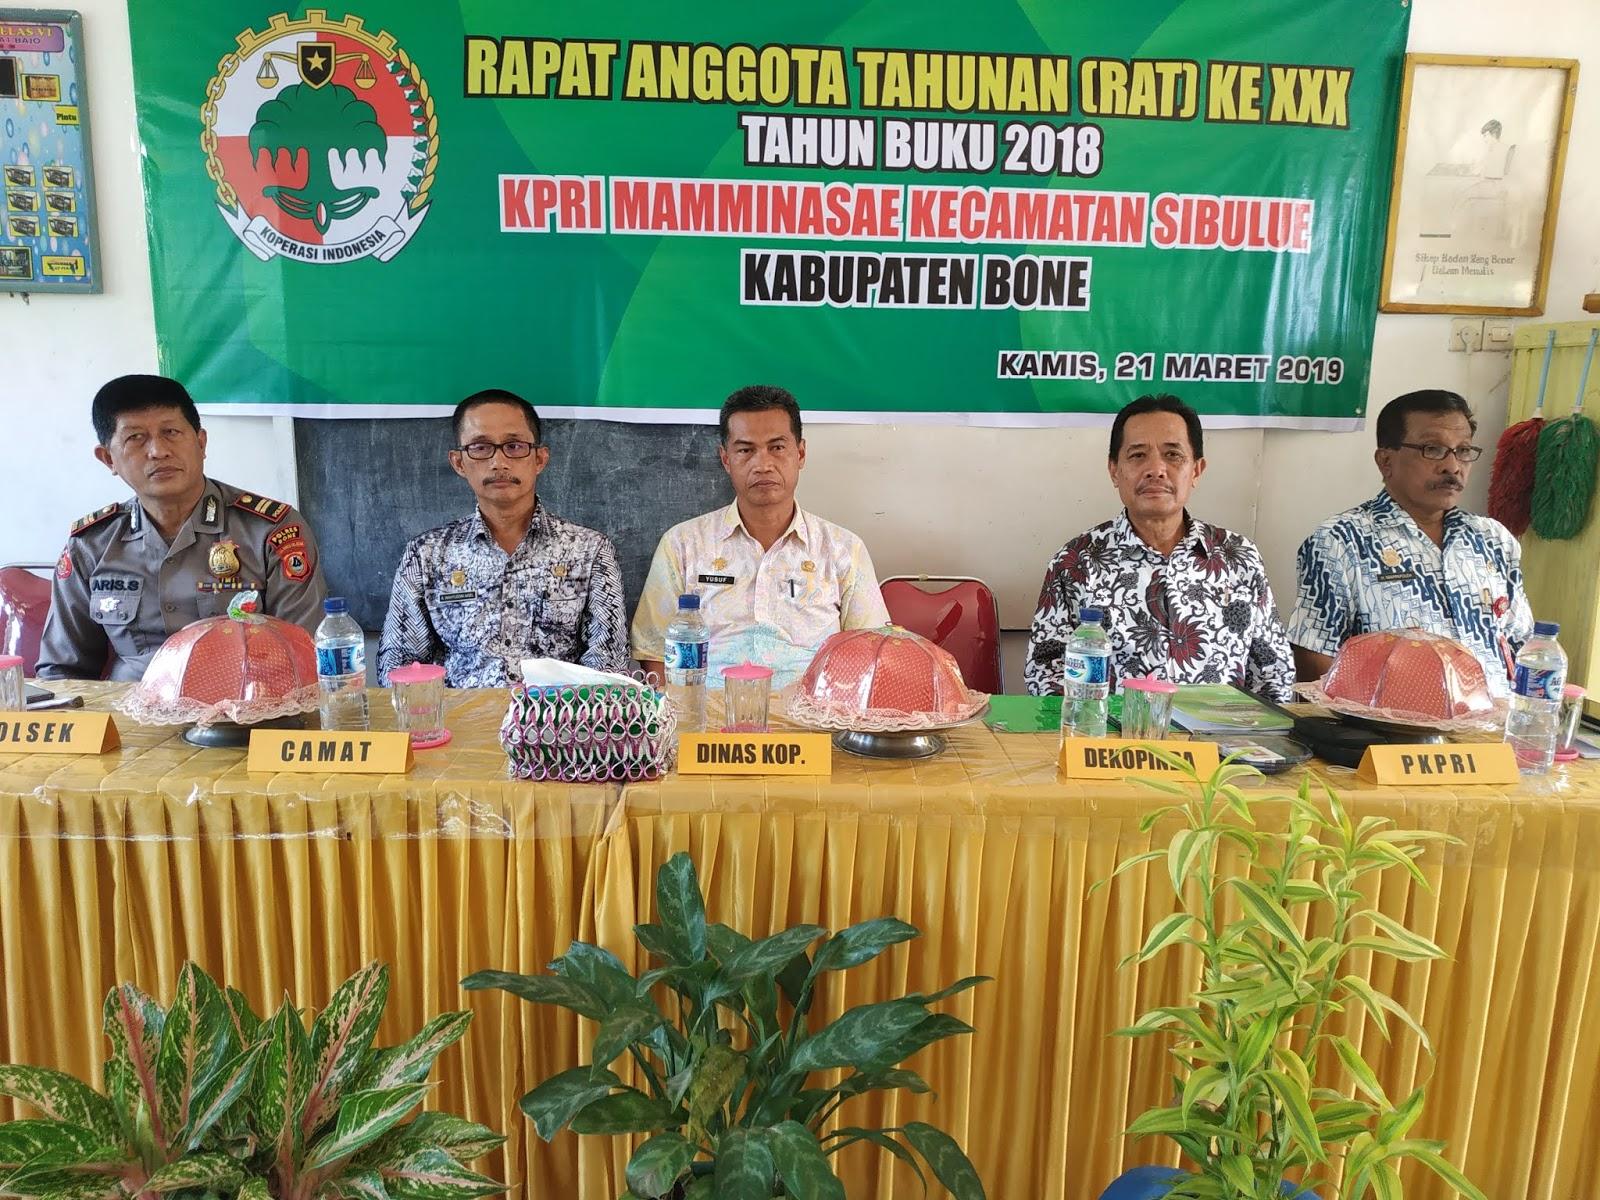 KPRI Mamminasae Sibulue Laksanakan RAT 2018, Ini Rencana Kerja Tahun Buku 2019